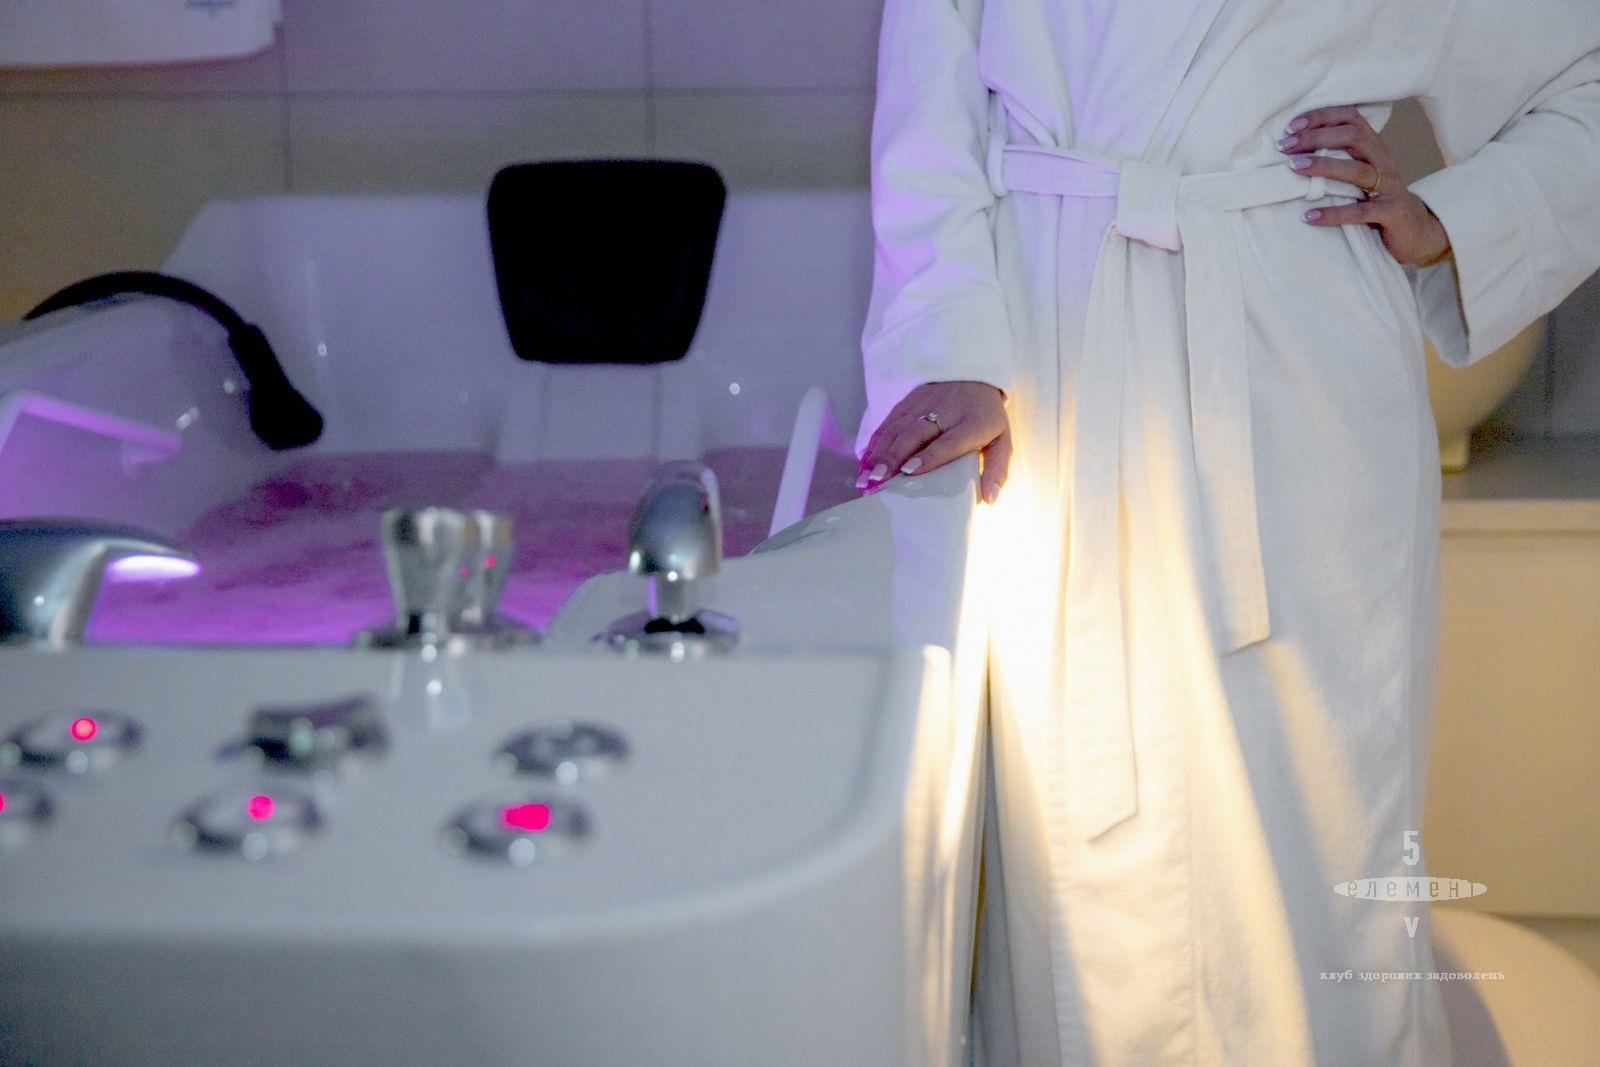 Гидромассажная ванна  - один из методов похудения и расслабления одновременно.— фитнес-клуб 5 элемент